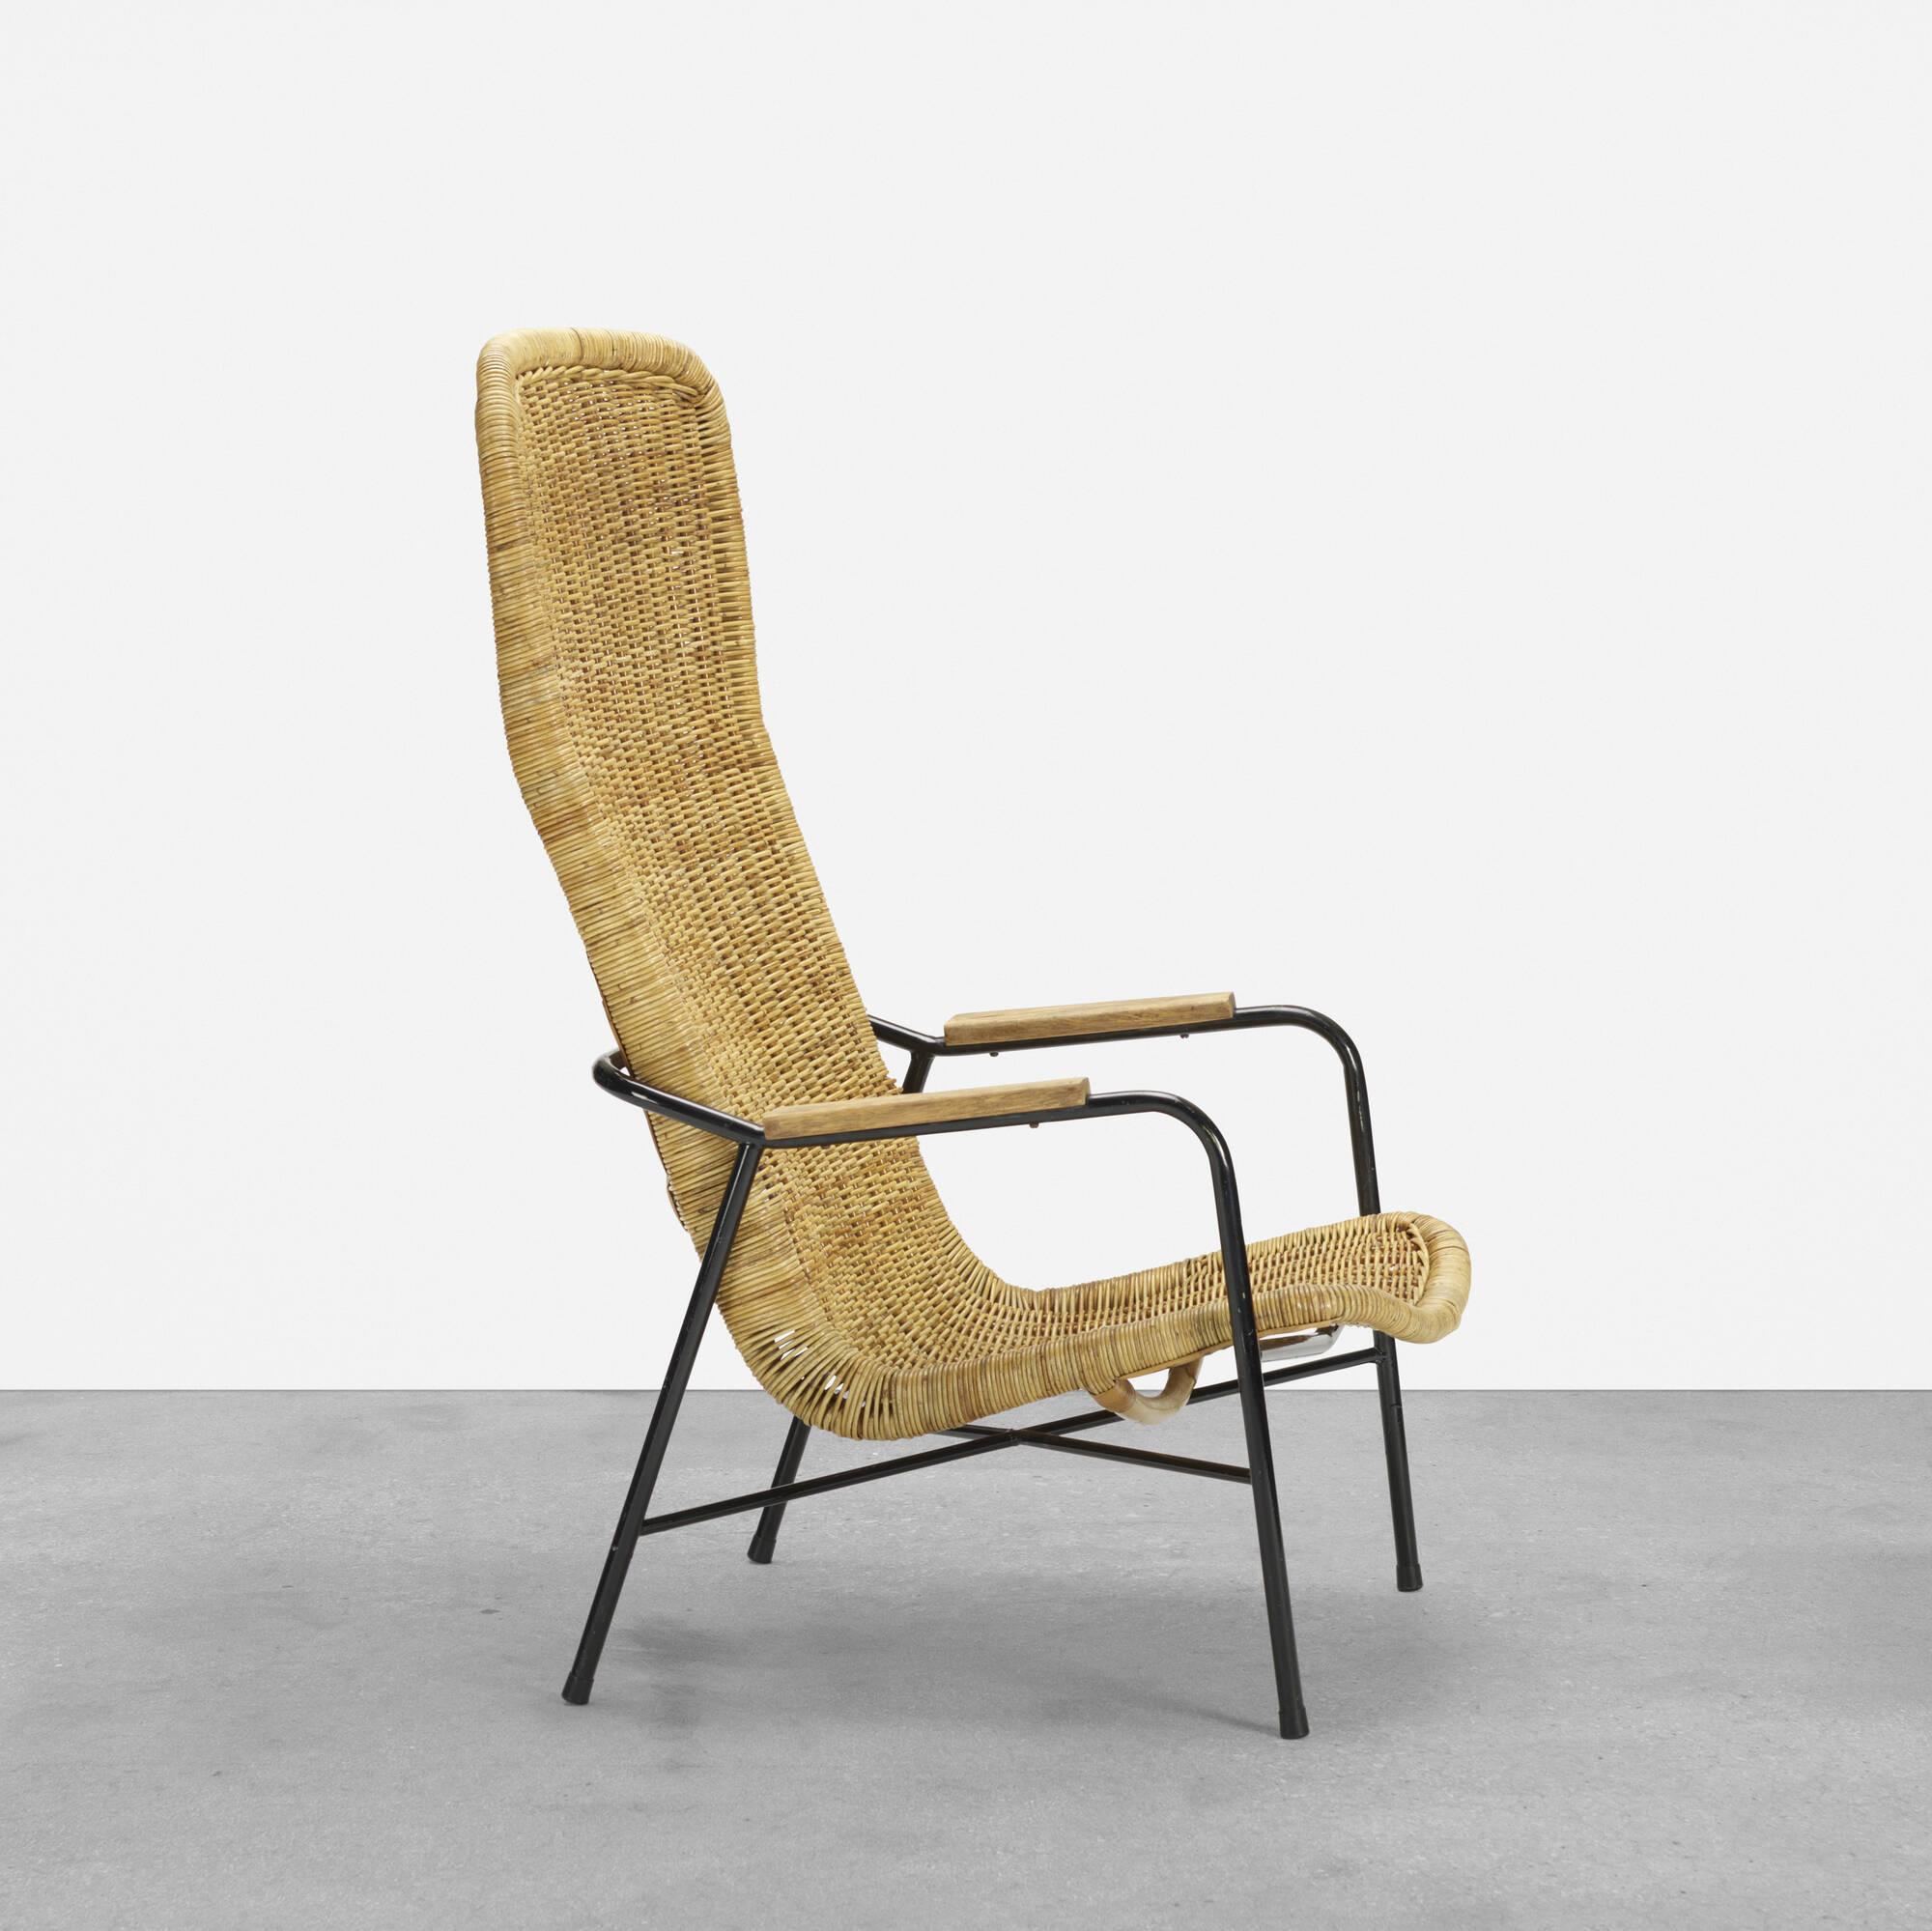 386: Dirk van Sliedregt / armchair, model 514a (1 of 3)